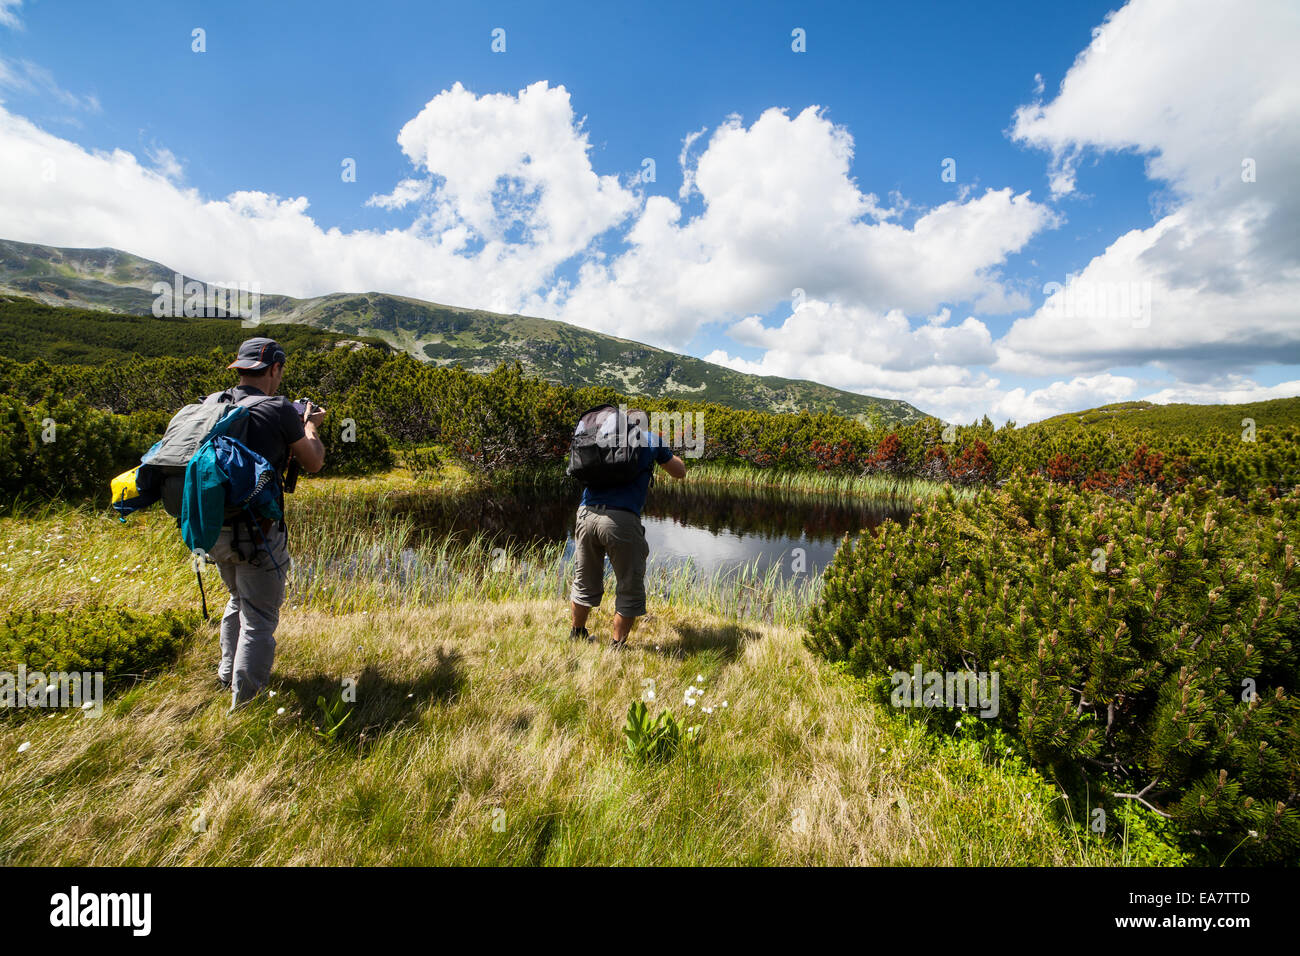 Zwei kaukasische Wanderer mit Rucksack wandern rund um einen See in den Bergen Stockfoto